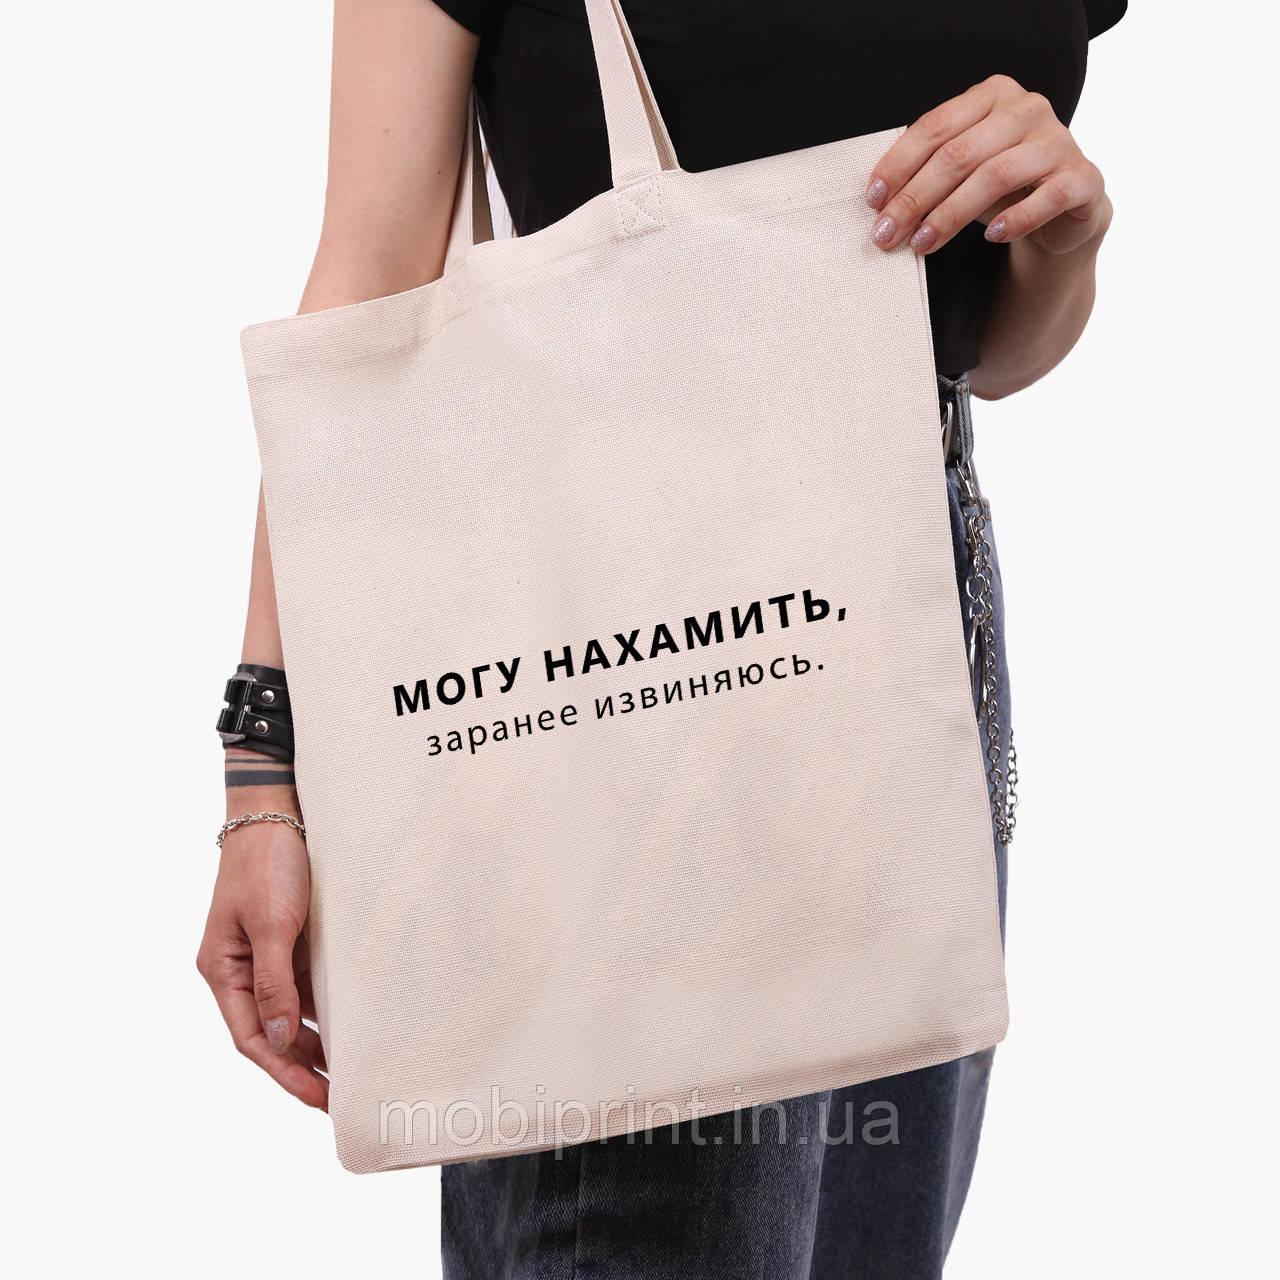 Еко сумка шоппер Можу нахамити (9227-1791) 41*35 см